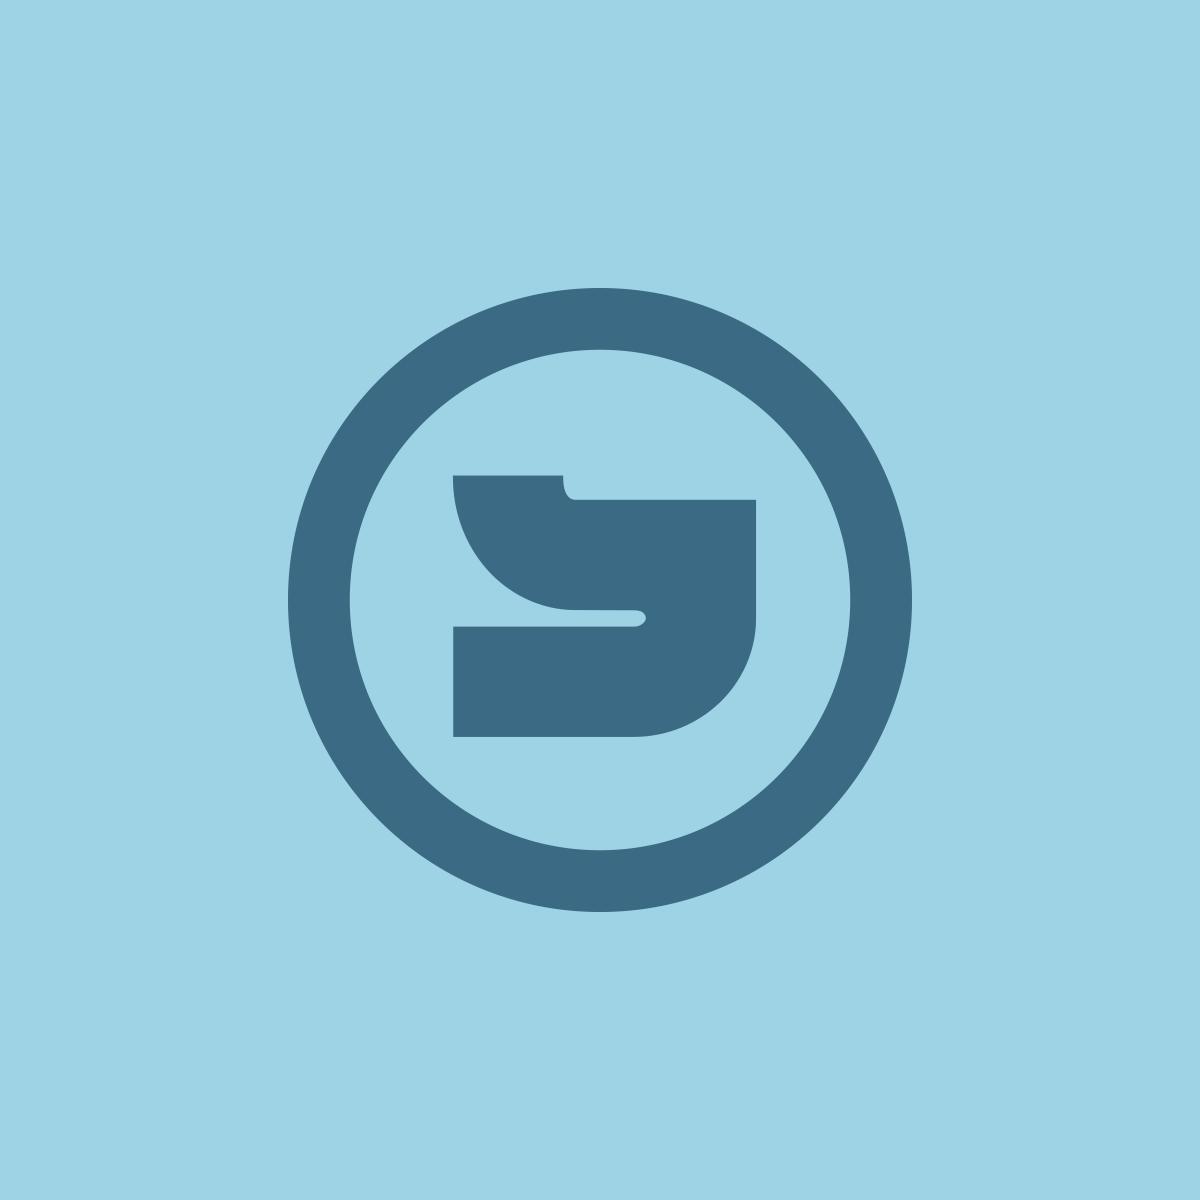 HIIT 45/15 - Part 2